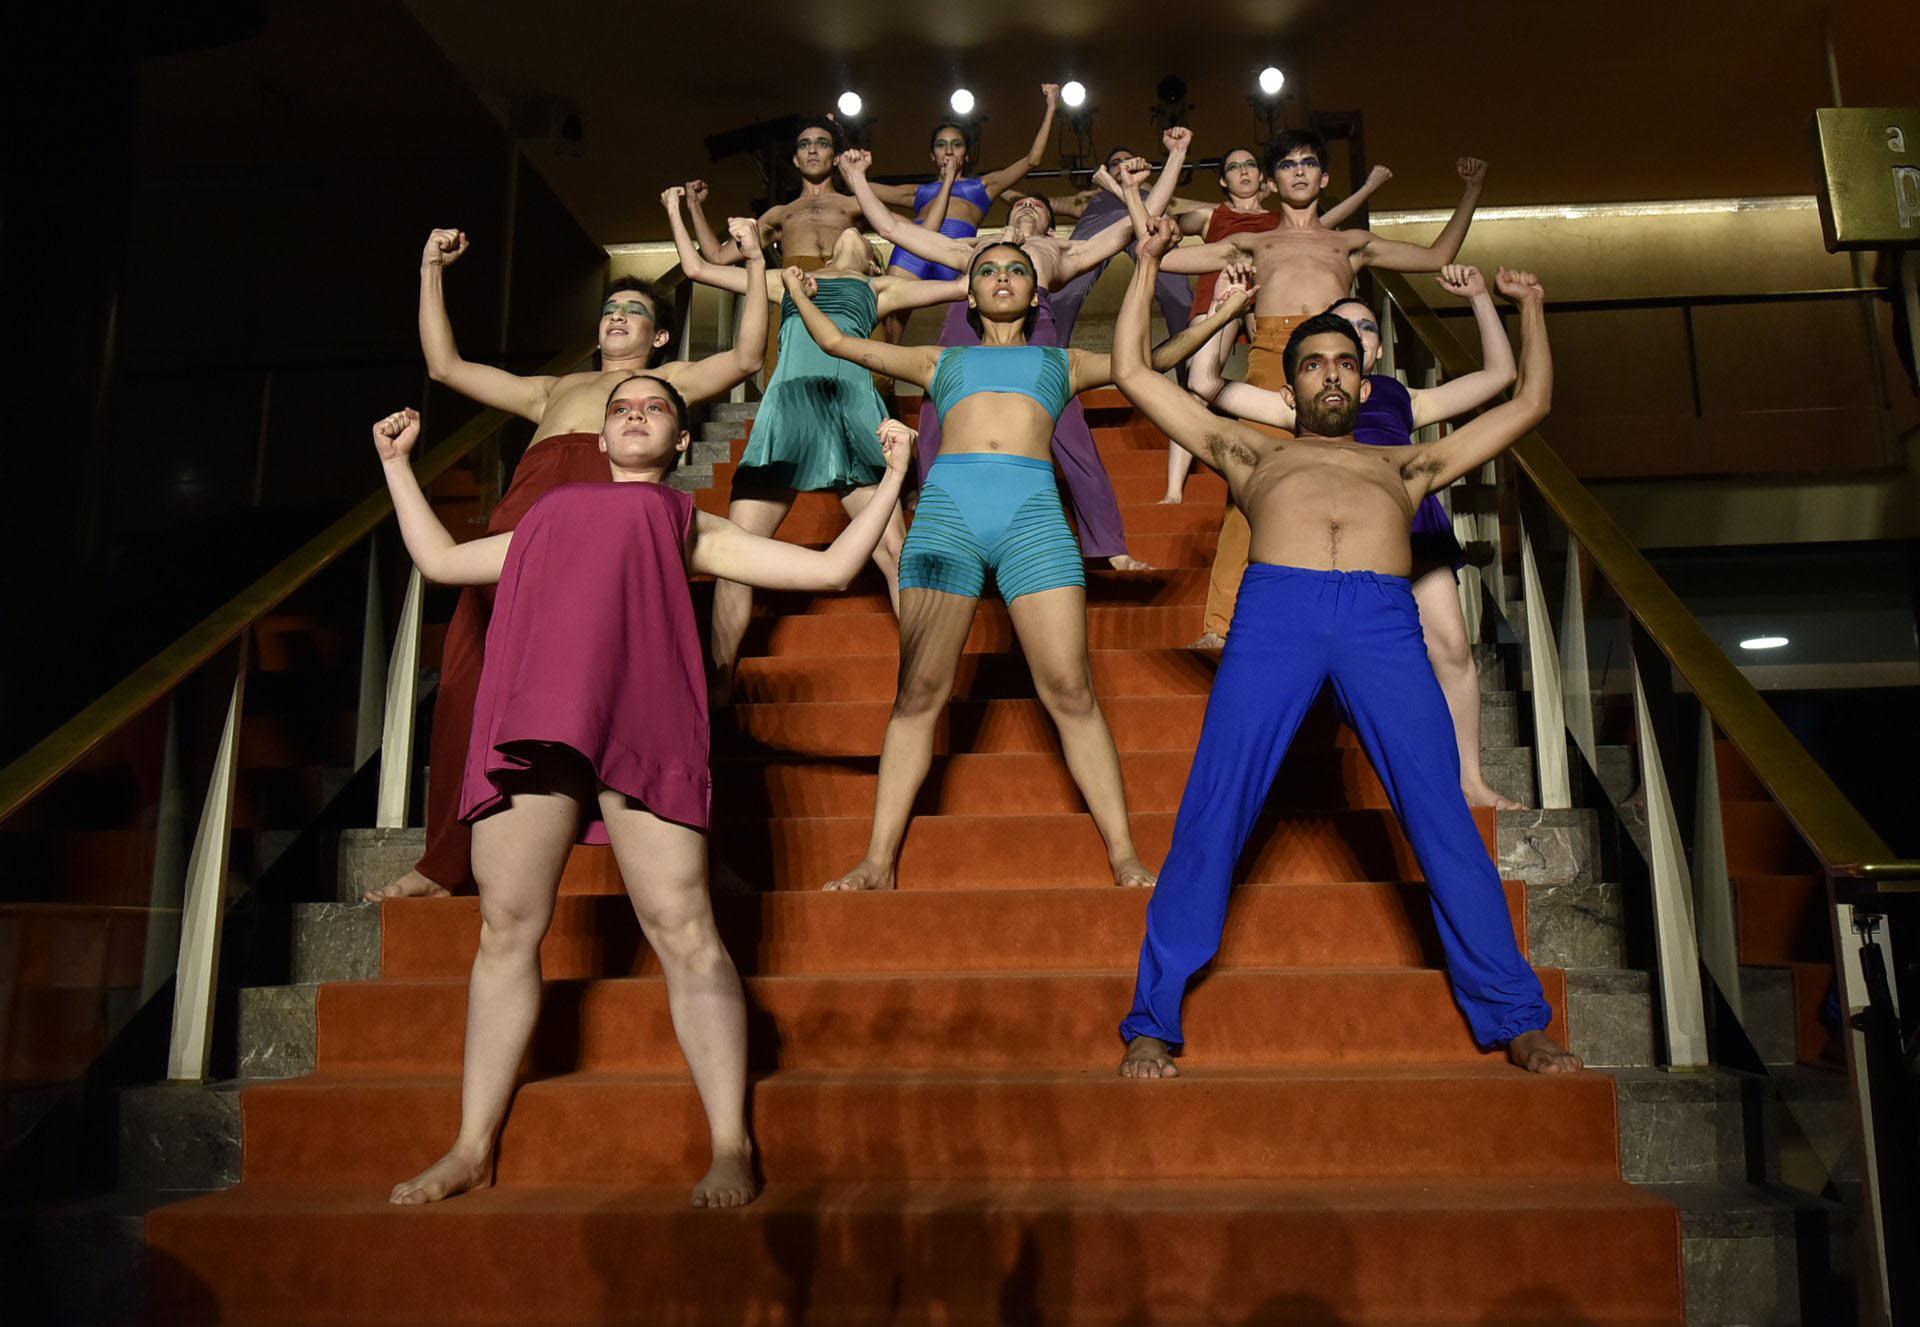 La gala se inició con una bienvenida en el Hall Central Alfredo Alcón, con música de Hernán Jacinto y su banda, y una serie de intervenciones a cargo de los bailarines del Taller de Danza Contemporánea del Complejo Teatral de Buenos Aires, con coordinación coreográfica de Alejandro Cervera